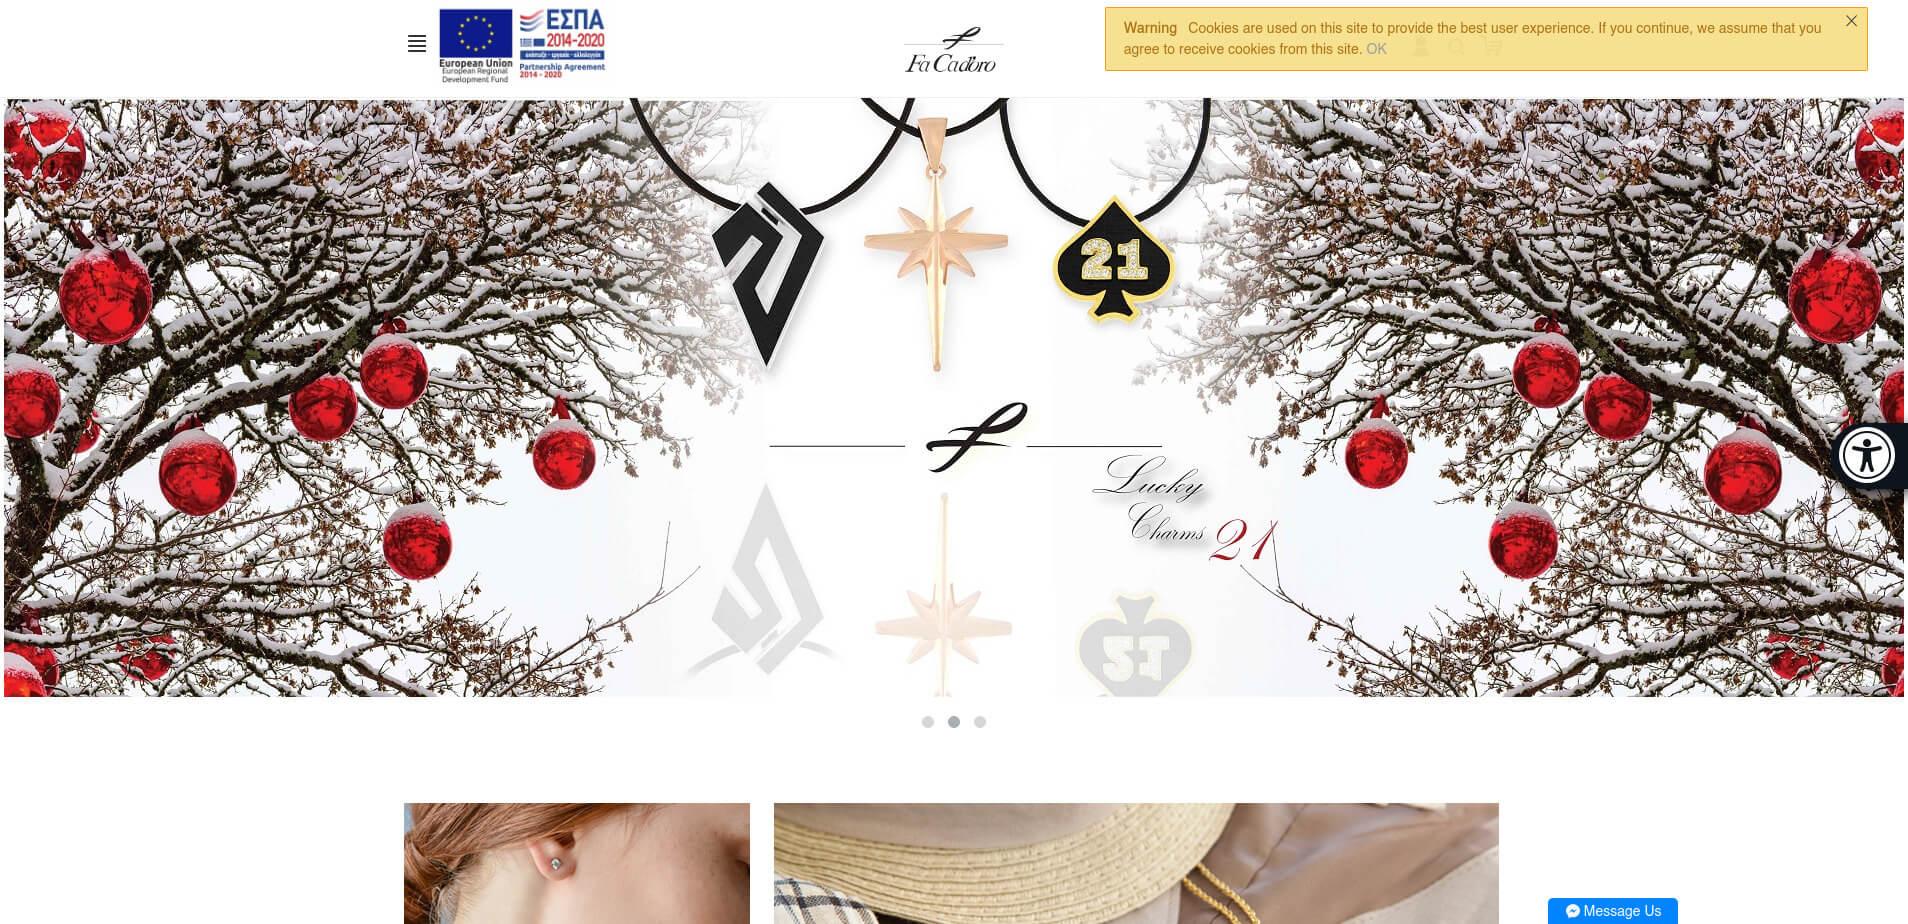 Μπάρα Προσβασιμότητας ΑμεΑ Eucleides - Ιστοσελίδες κατάλληλες για ΑμεΑ σύμφωνα με το πρότυπο WCAG 2.0 - Εγκατάσταση σε όλες τις πλατφόρμες ιστοτόπων - www.facadoro.com